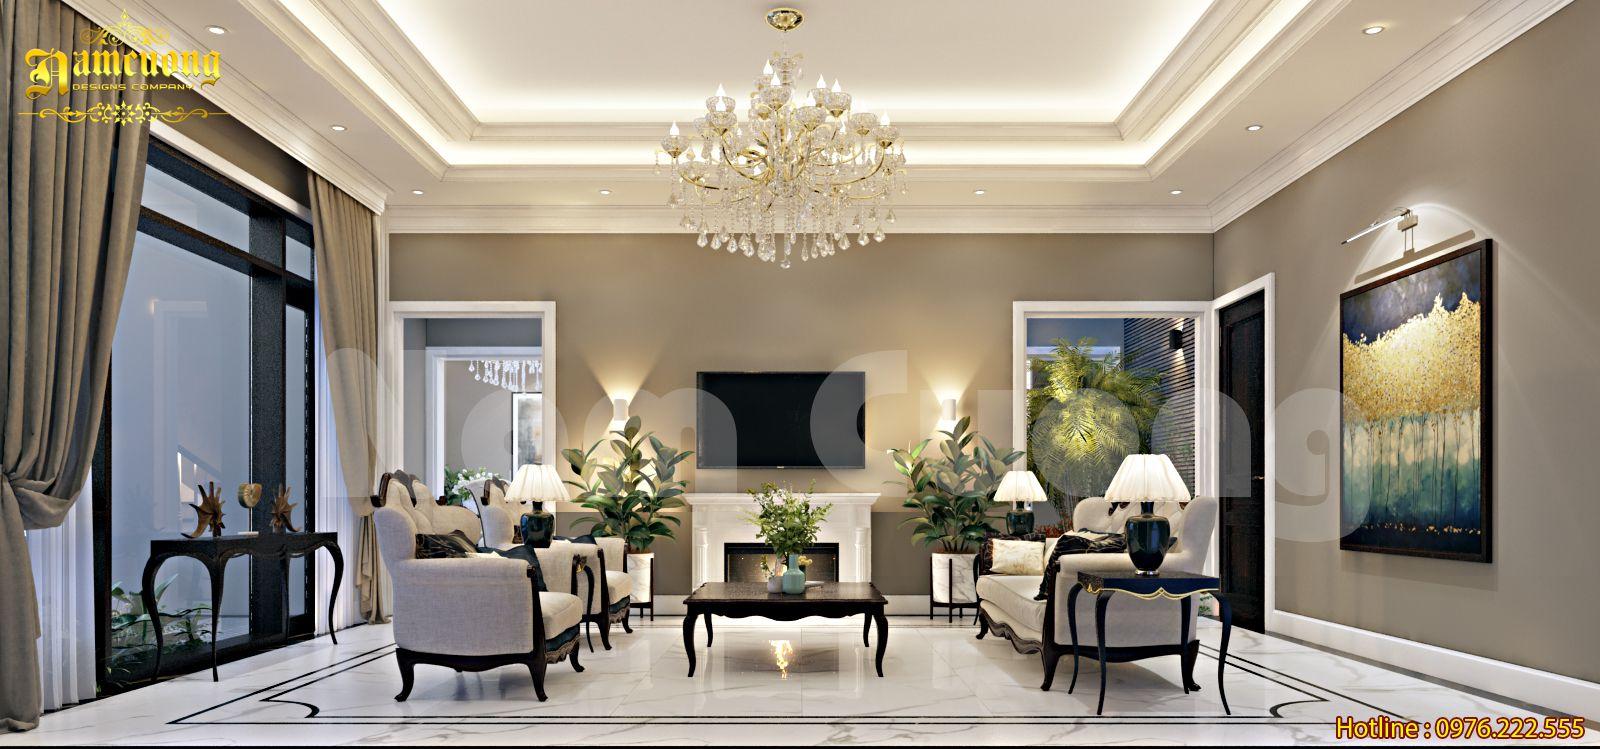 Làm gì để thiết kế nội thất nhà đẹp?